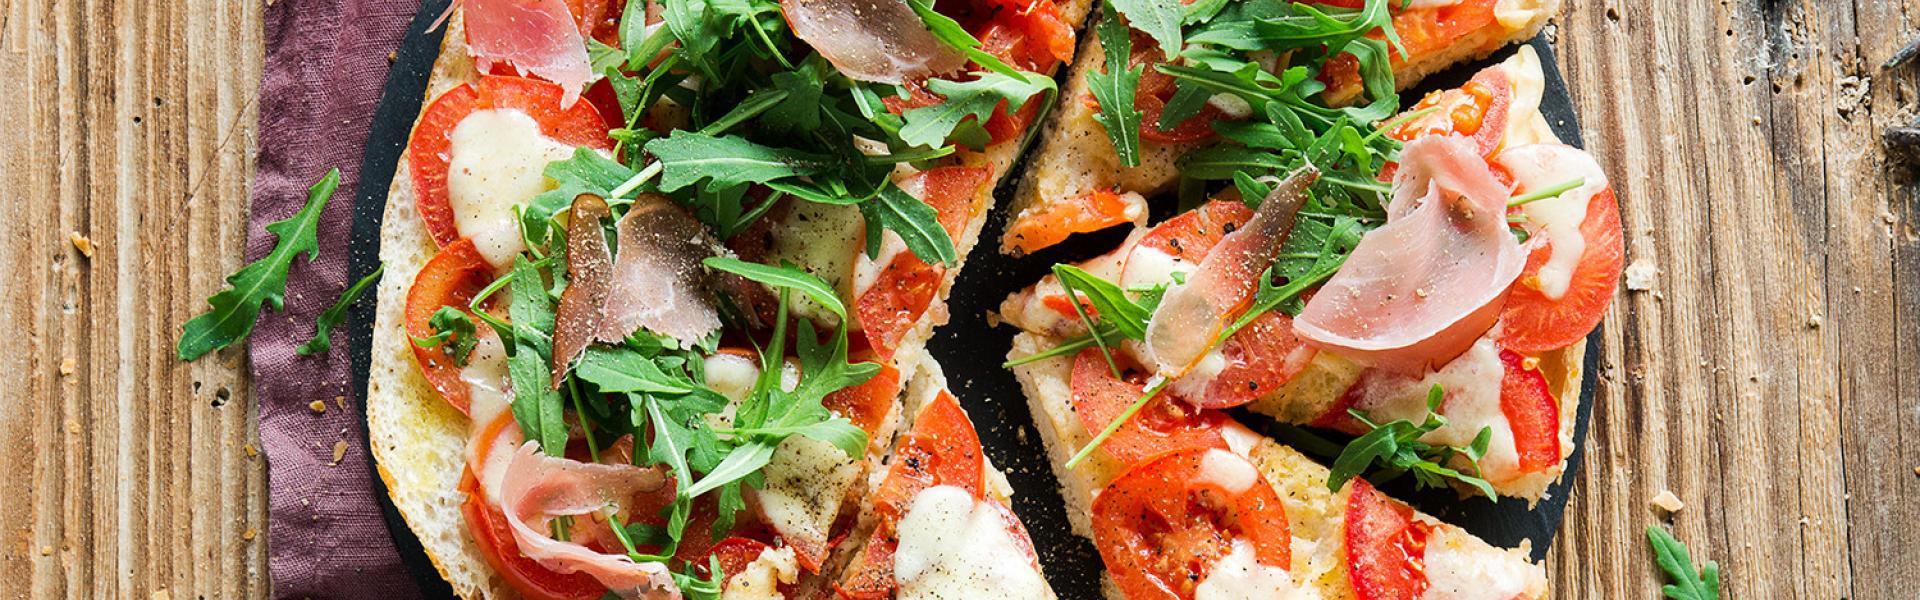 Fladenbrotpizza mit Schinken und Rucola angeschnitten auf einem Teller.